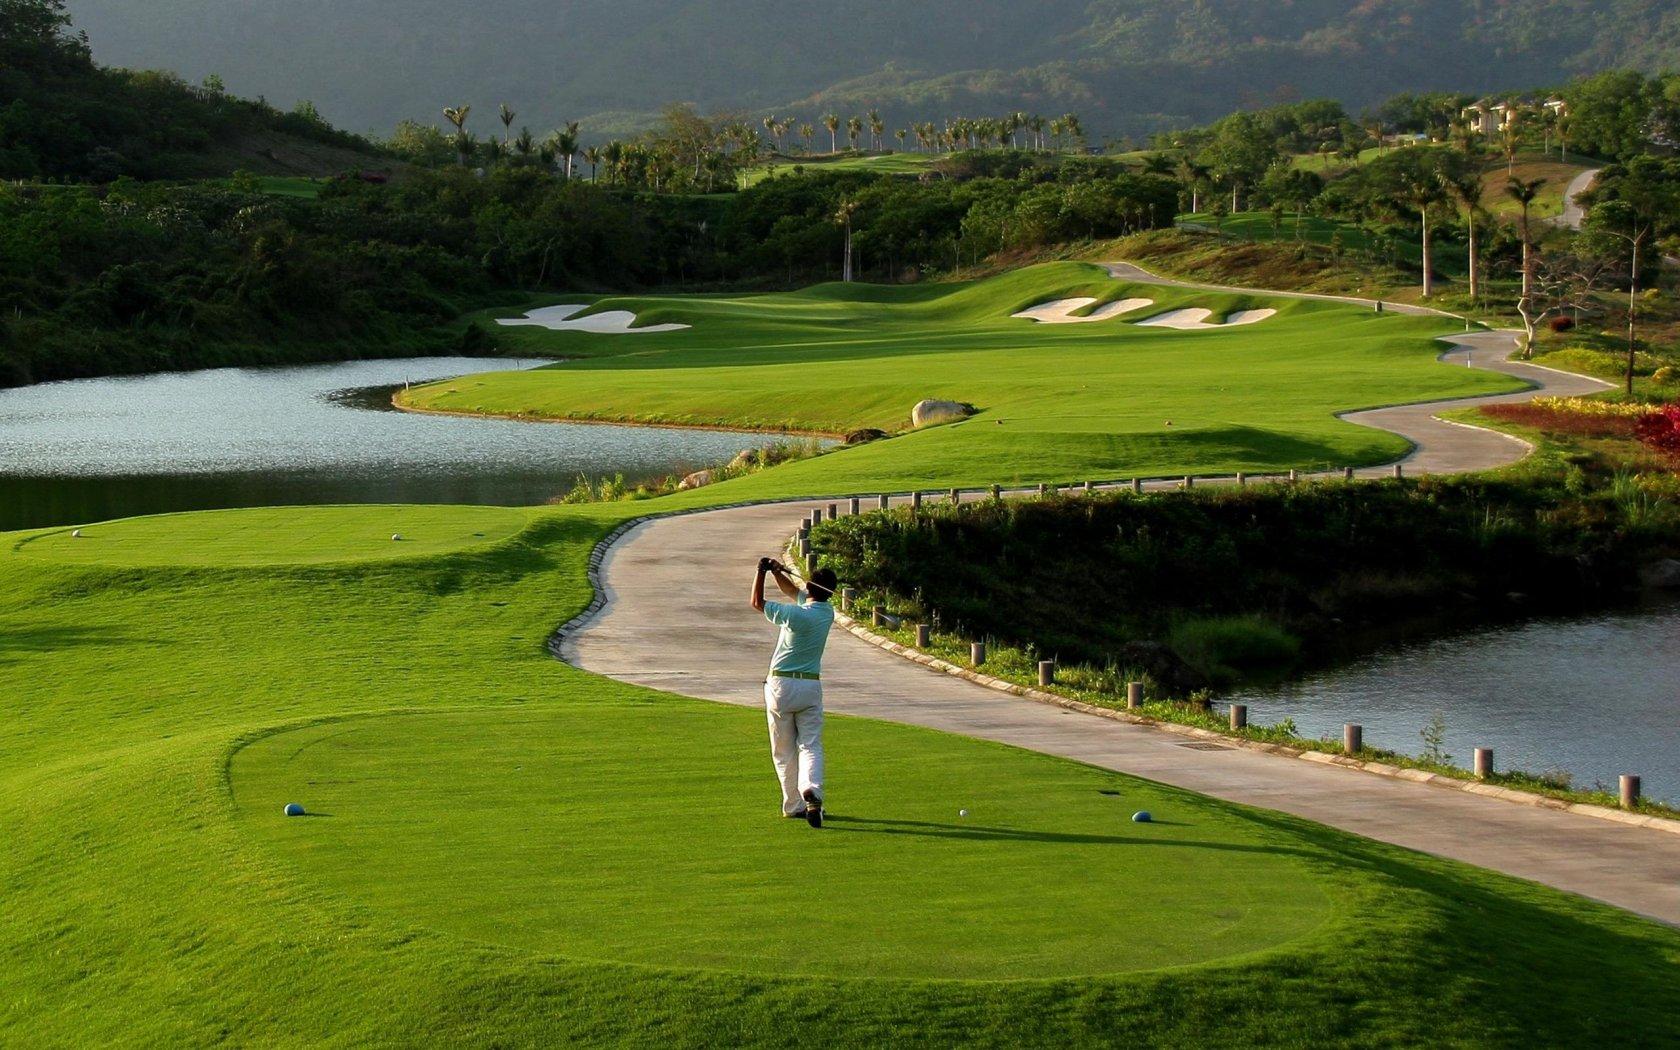 Mission Hills Golf HD Wallpaper 1680x1050 hd Nature wallpaper 1680x1050